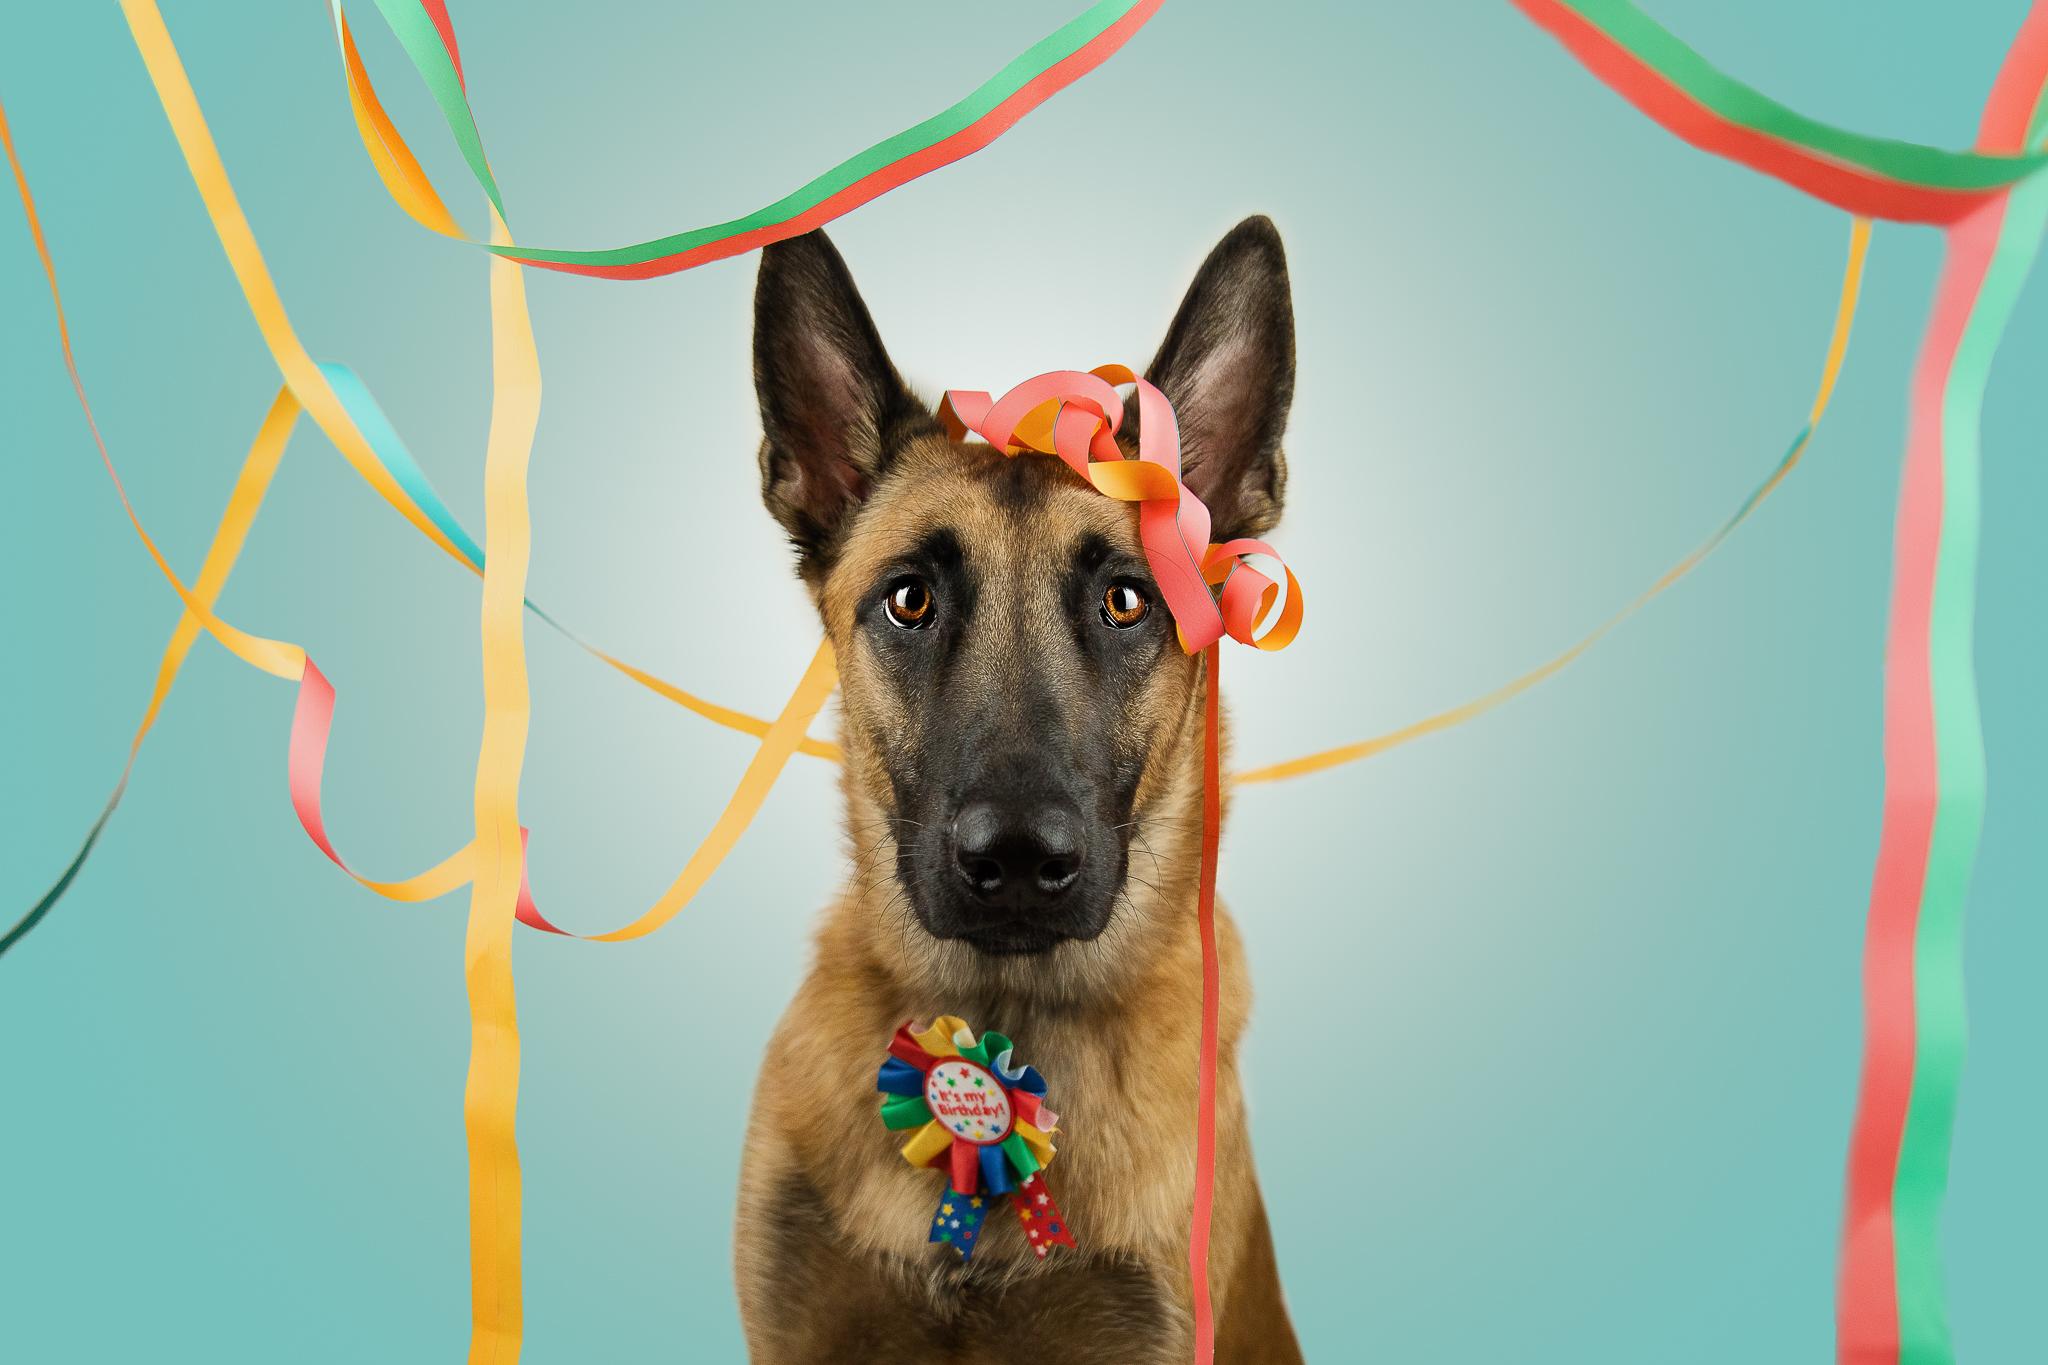 Malinois von den Heilstätten, Gebrauchshund, Saka, Billy the Kid von den Heilstätten, Belgischer Schäferhund, Hundefotografie, Hund, Geburtstag, Geburtstagshund